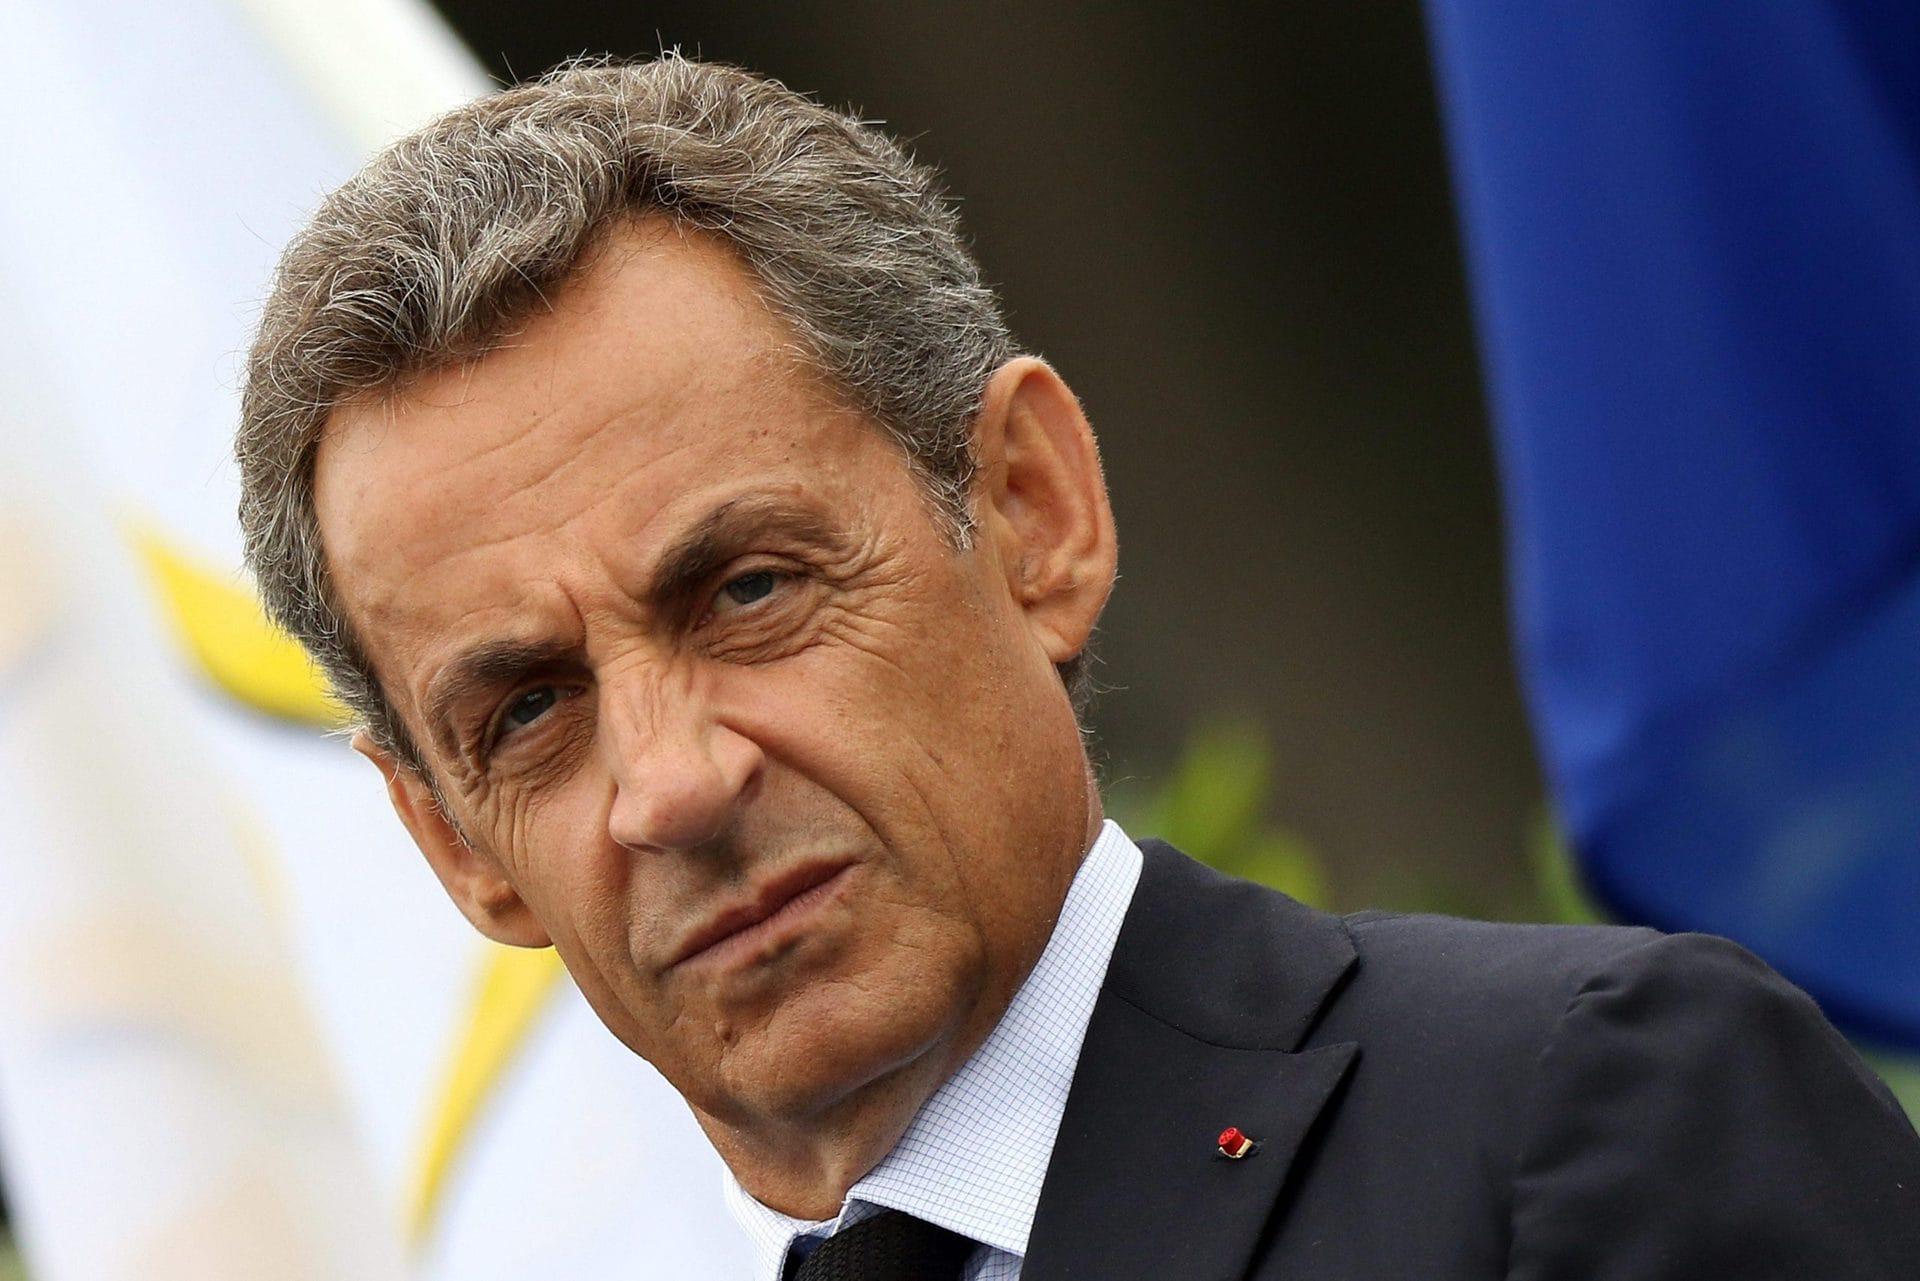 Frankreichs Ex-Präsident Sarkozy zu Haft verurteilt Prozess wegen Bestechung